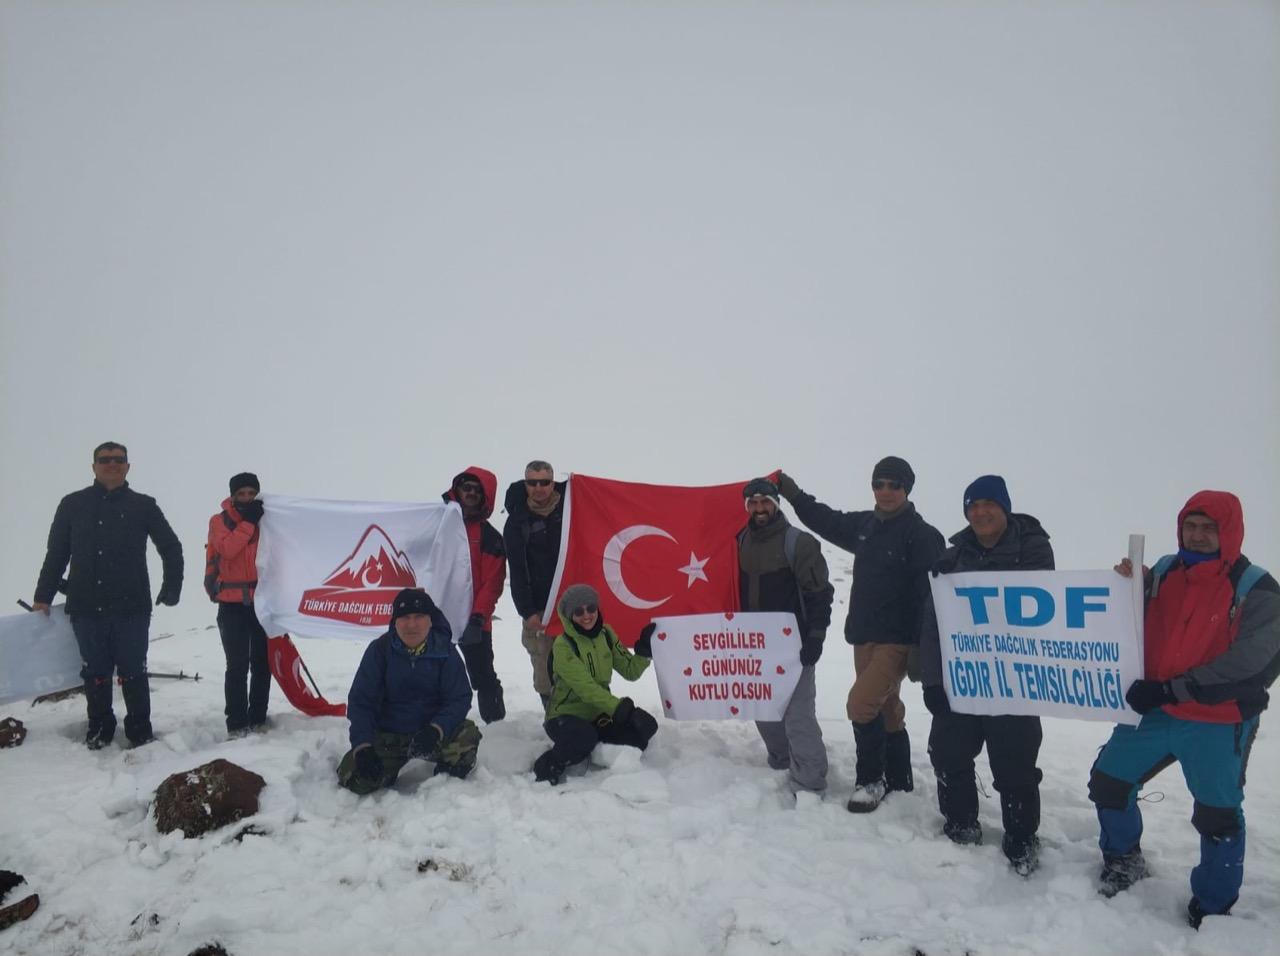 Iğdırlı dağcılar 14 Şubat Sevgililer Gününü Zor Dağı zirvesinde kutladı.